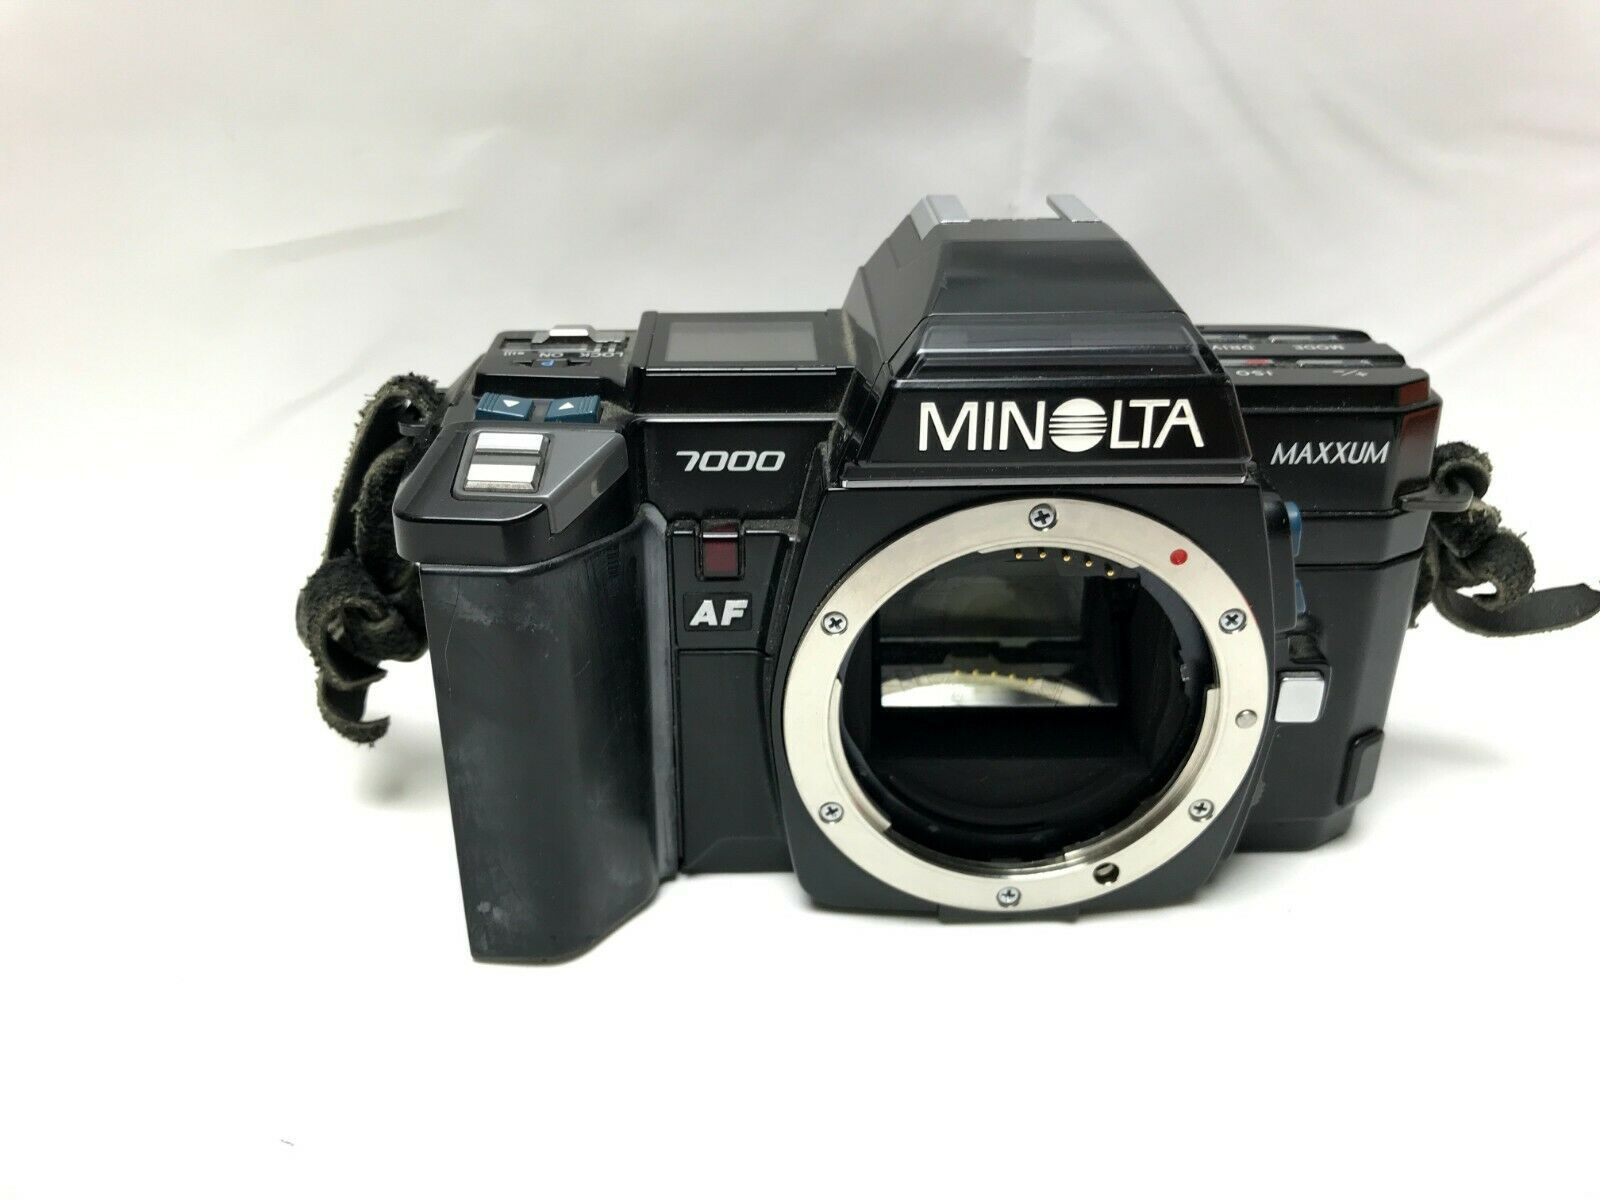 Minolta Maxxum 7000 35mm SLR Film Camera Body Only Black